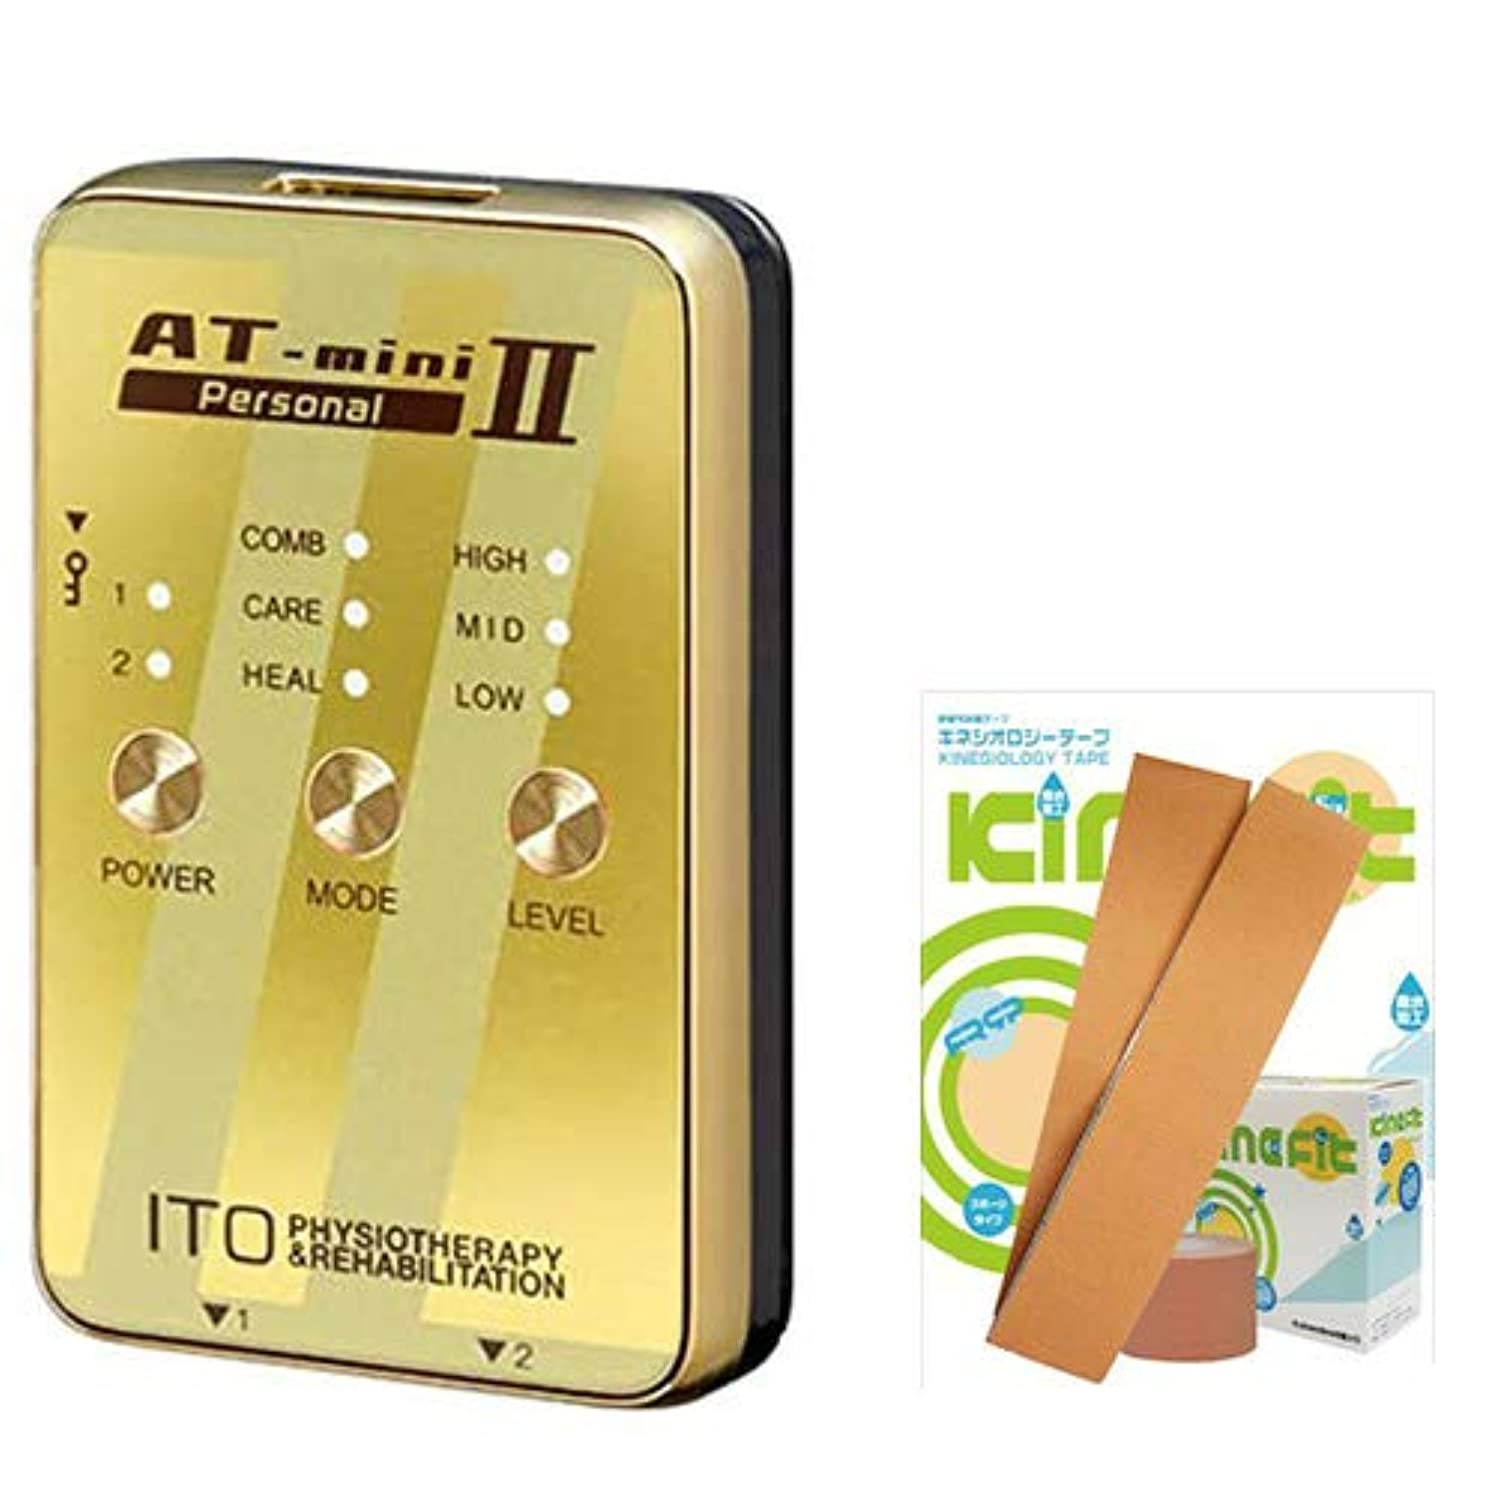 存在手伝うリングレット低周波治療器 AT-mini personal II ゴールド (ATミニパーソナル2) +キネフィットテープ50cmセット